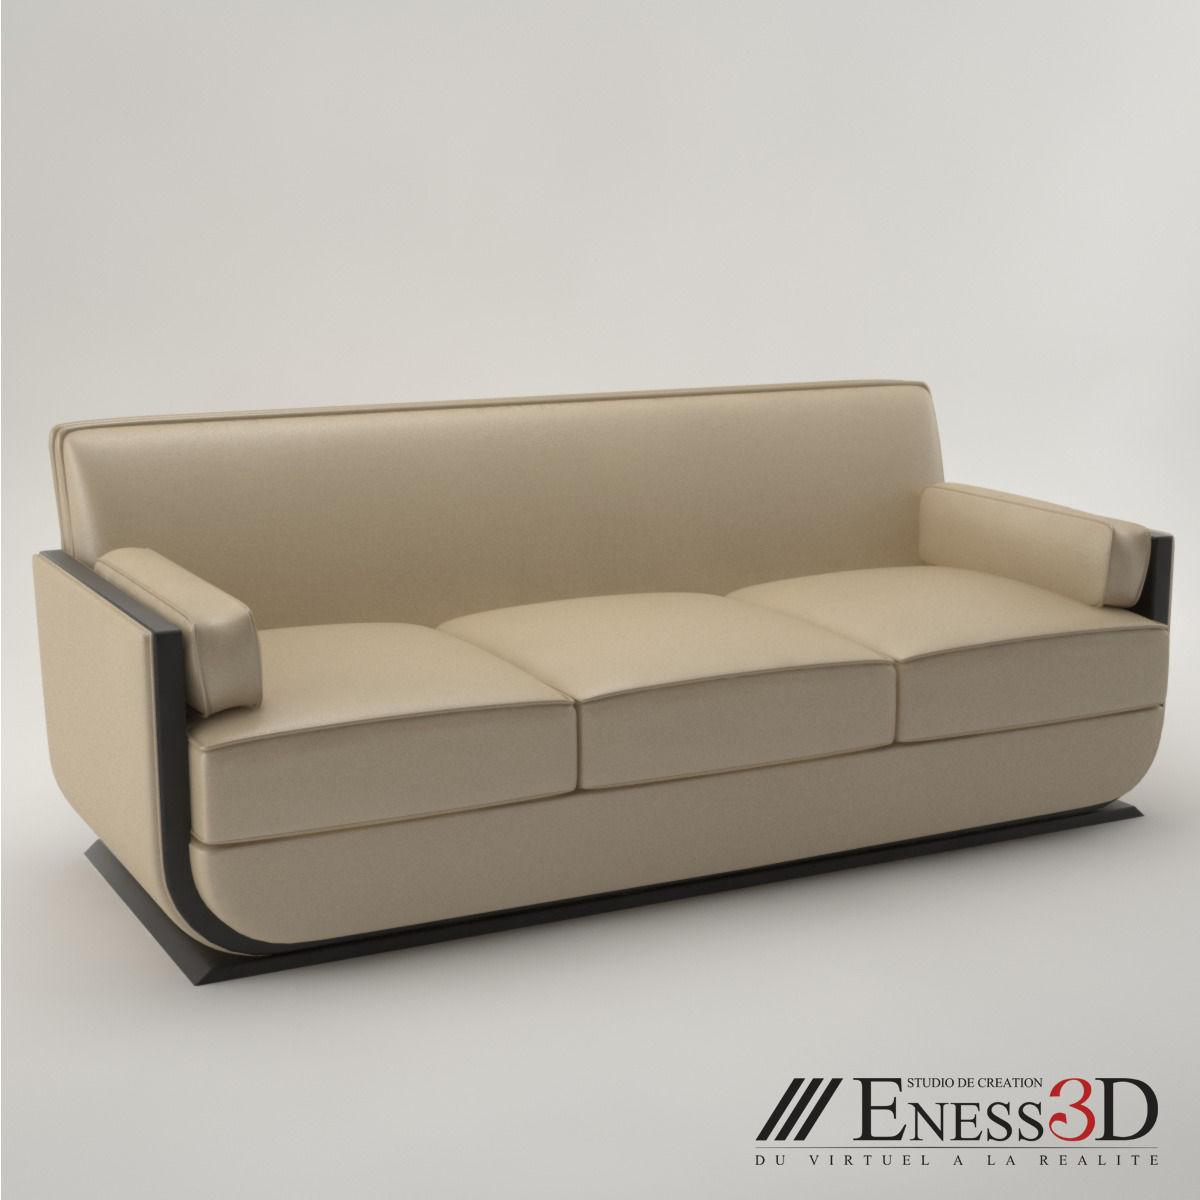 Art Sofa The Collection Bellotti Ezio Presents